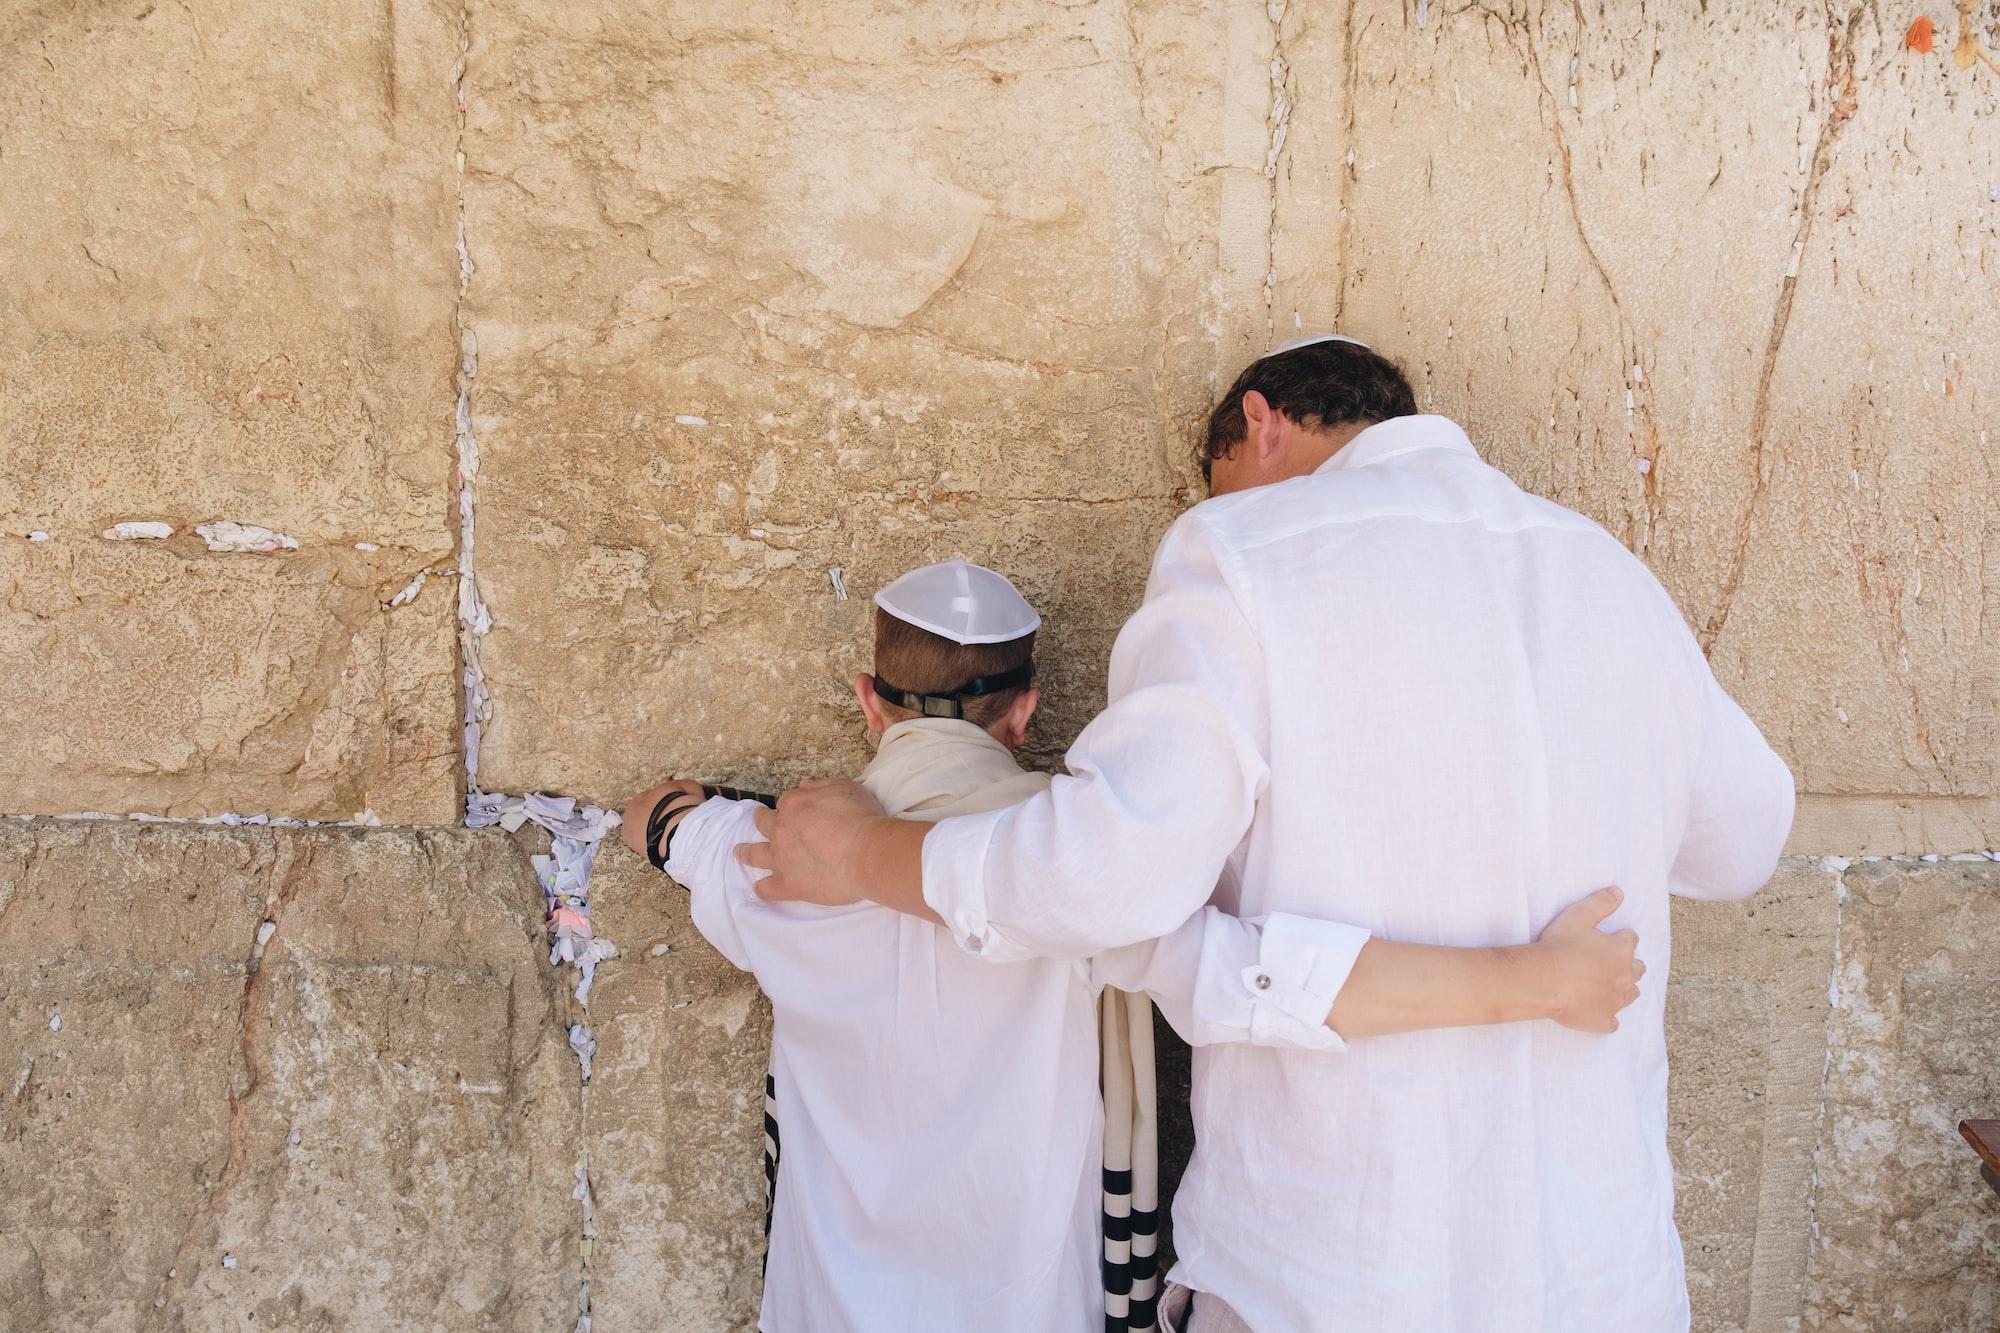 İbranice V Aramcayla Birlikte Yahudilerin Üç Temel Yazı Dilinden Biri Bulmaca Anlamı Nedir?